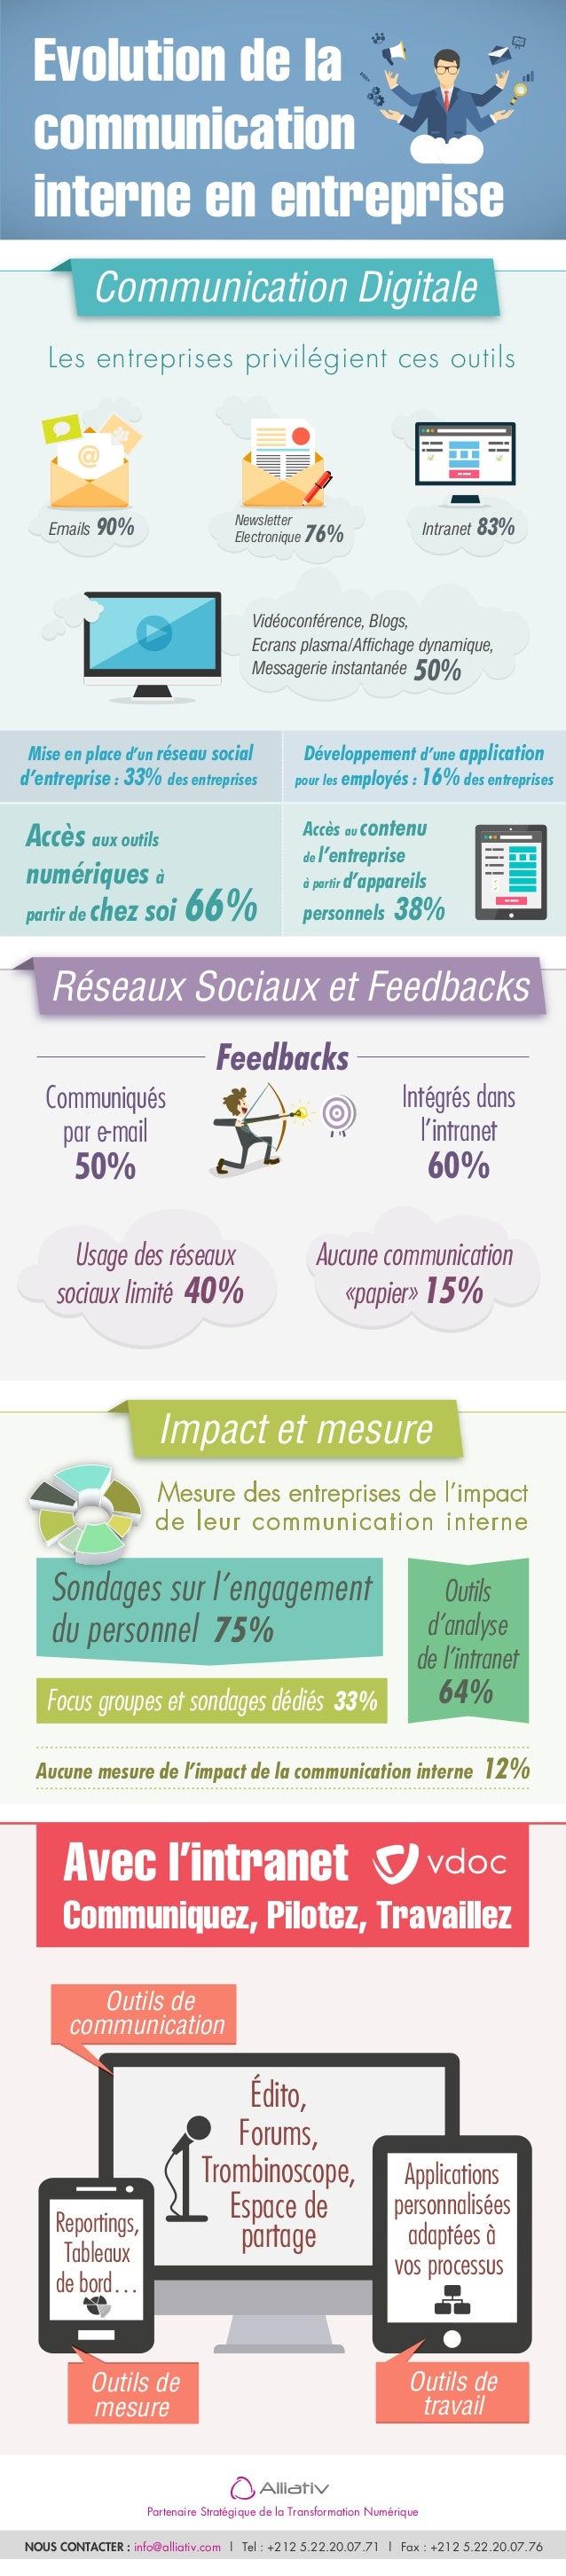 Communiqués par e-mail 50% Outils d'analyse de l'intranet 64%Focus groupes et sondages dédiés 33% Aucune mesure de l'impac...